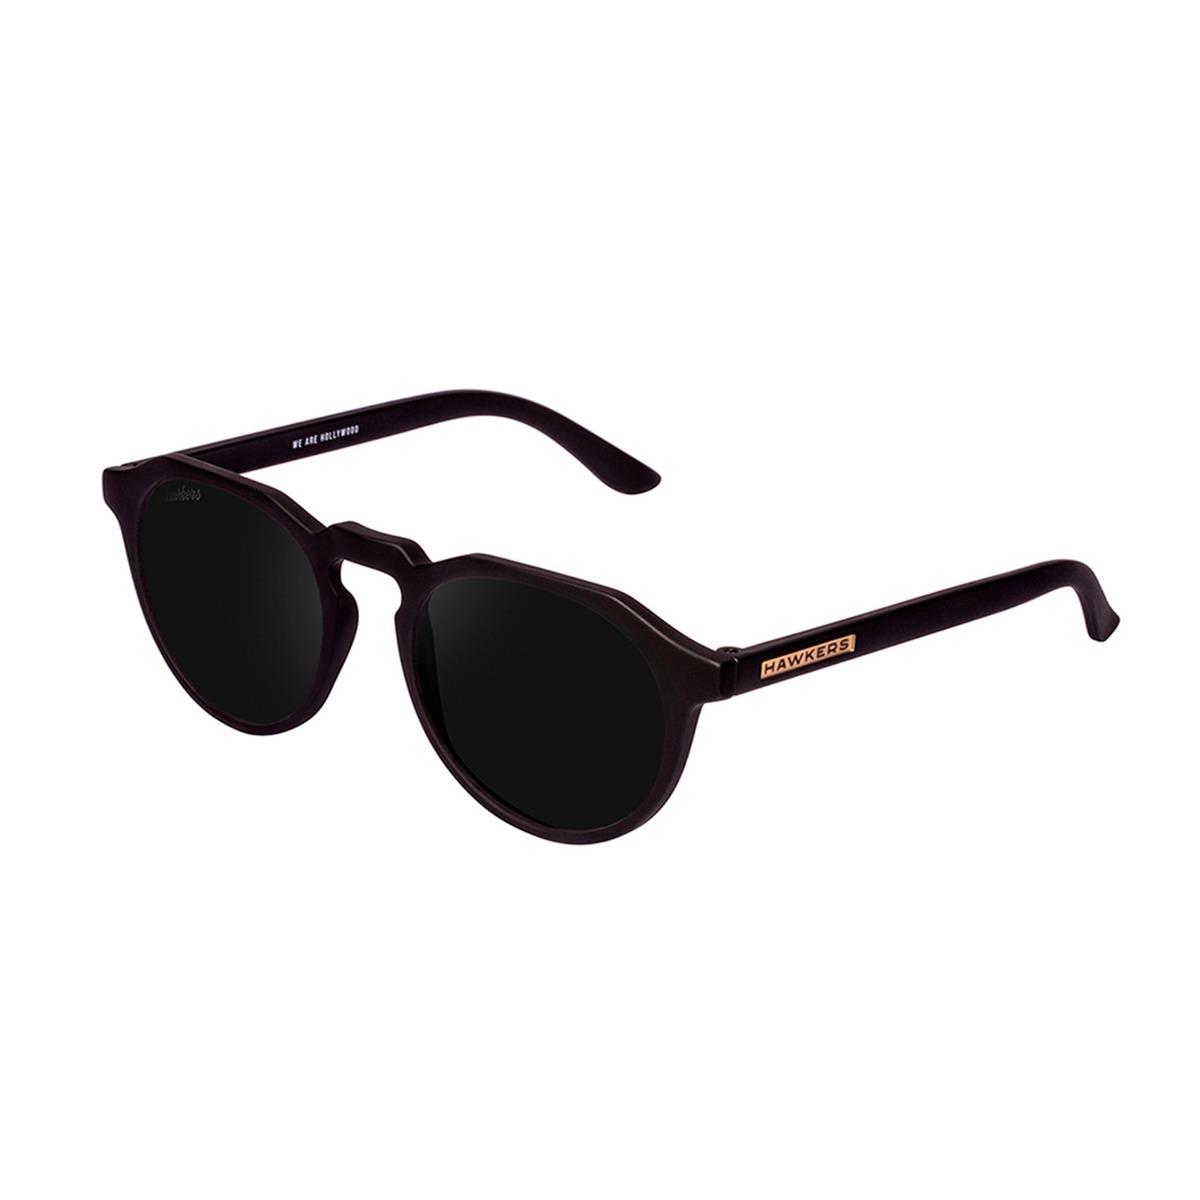 nueva llegada 50% rebajado venta de bajo precio diseño atemporal b03ee 6b6bc gafas hawkers hombre ...